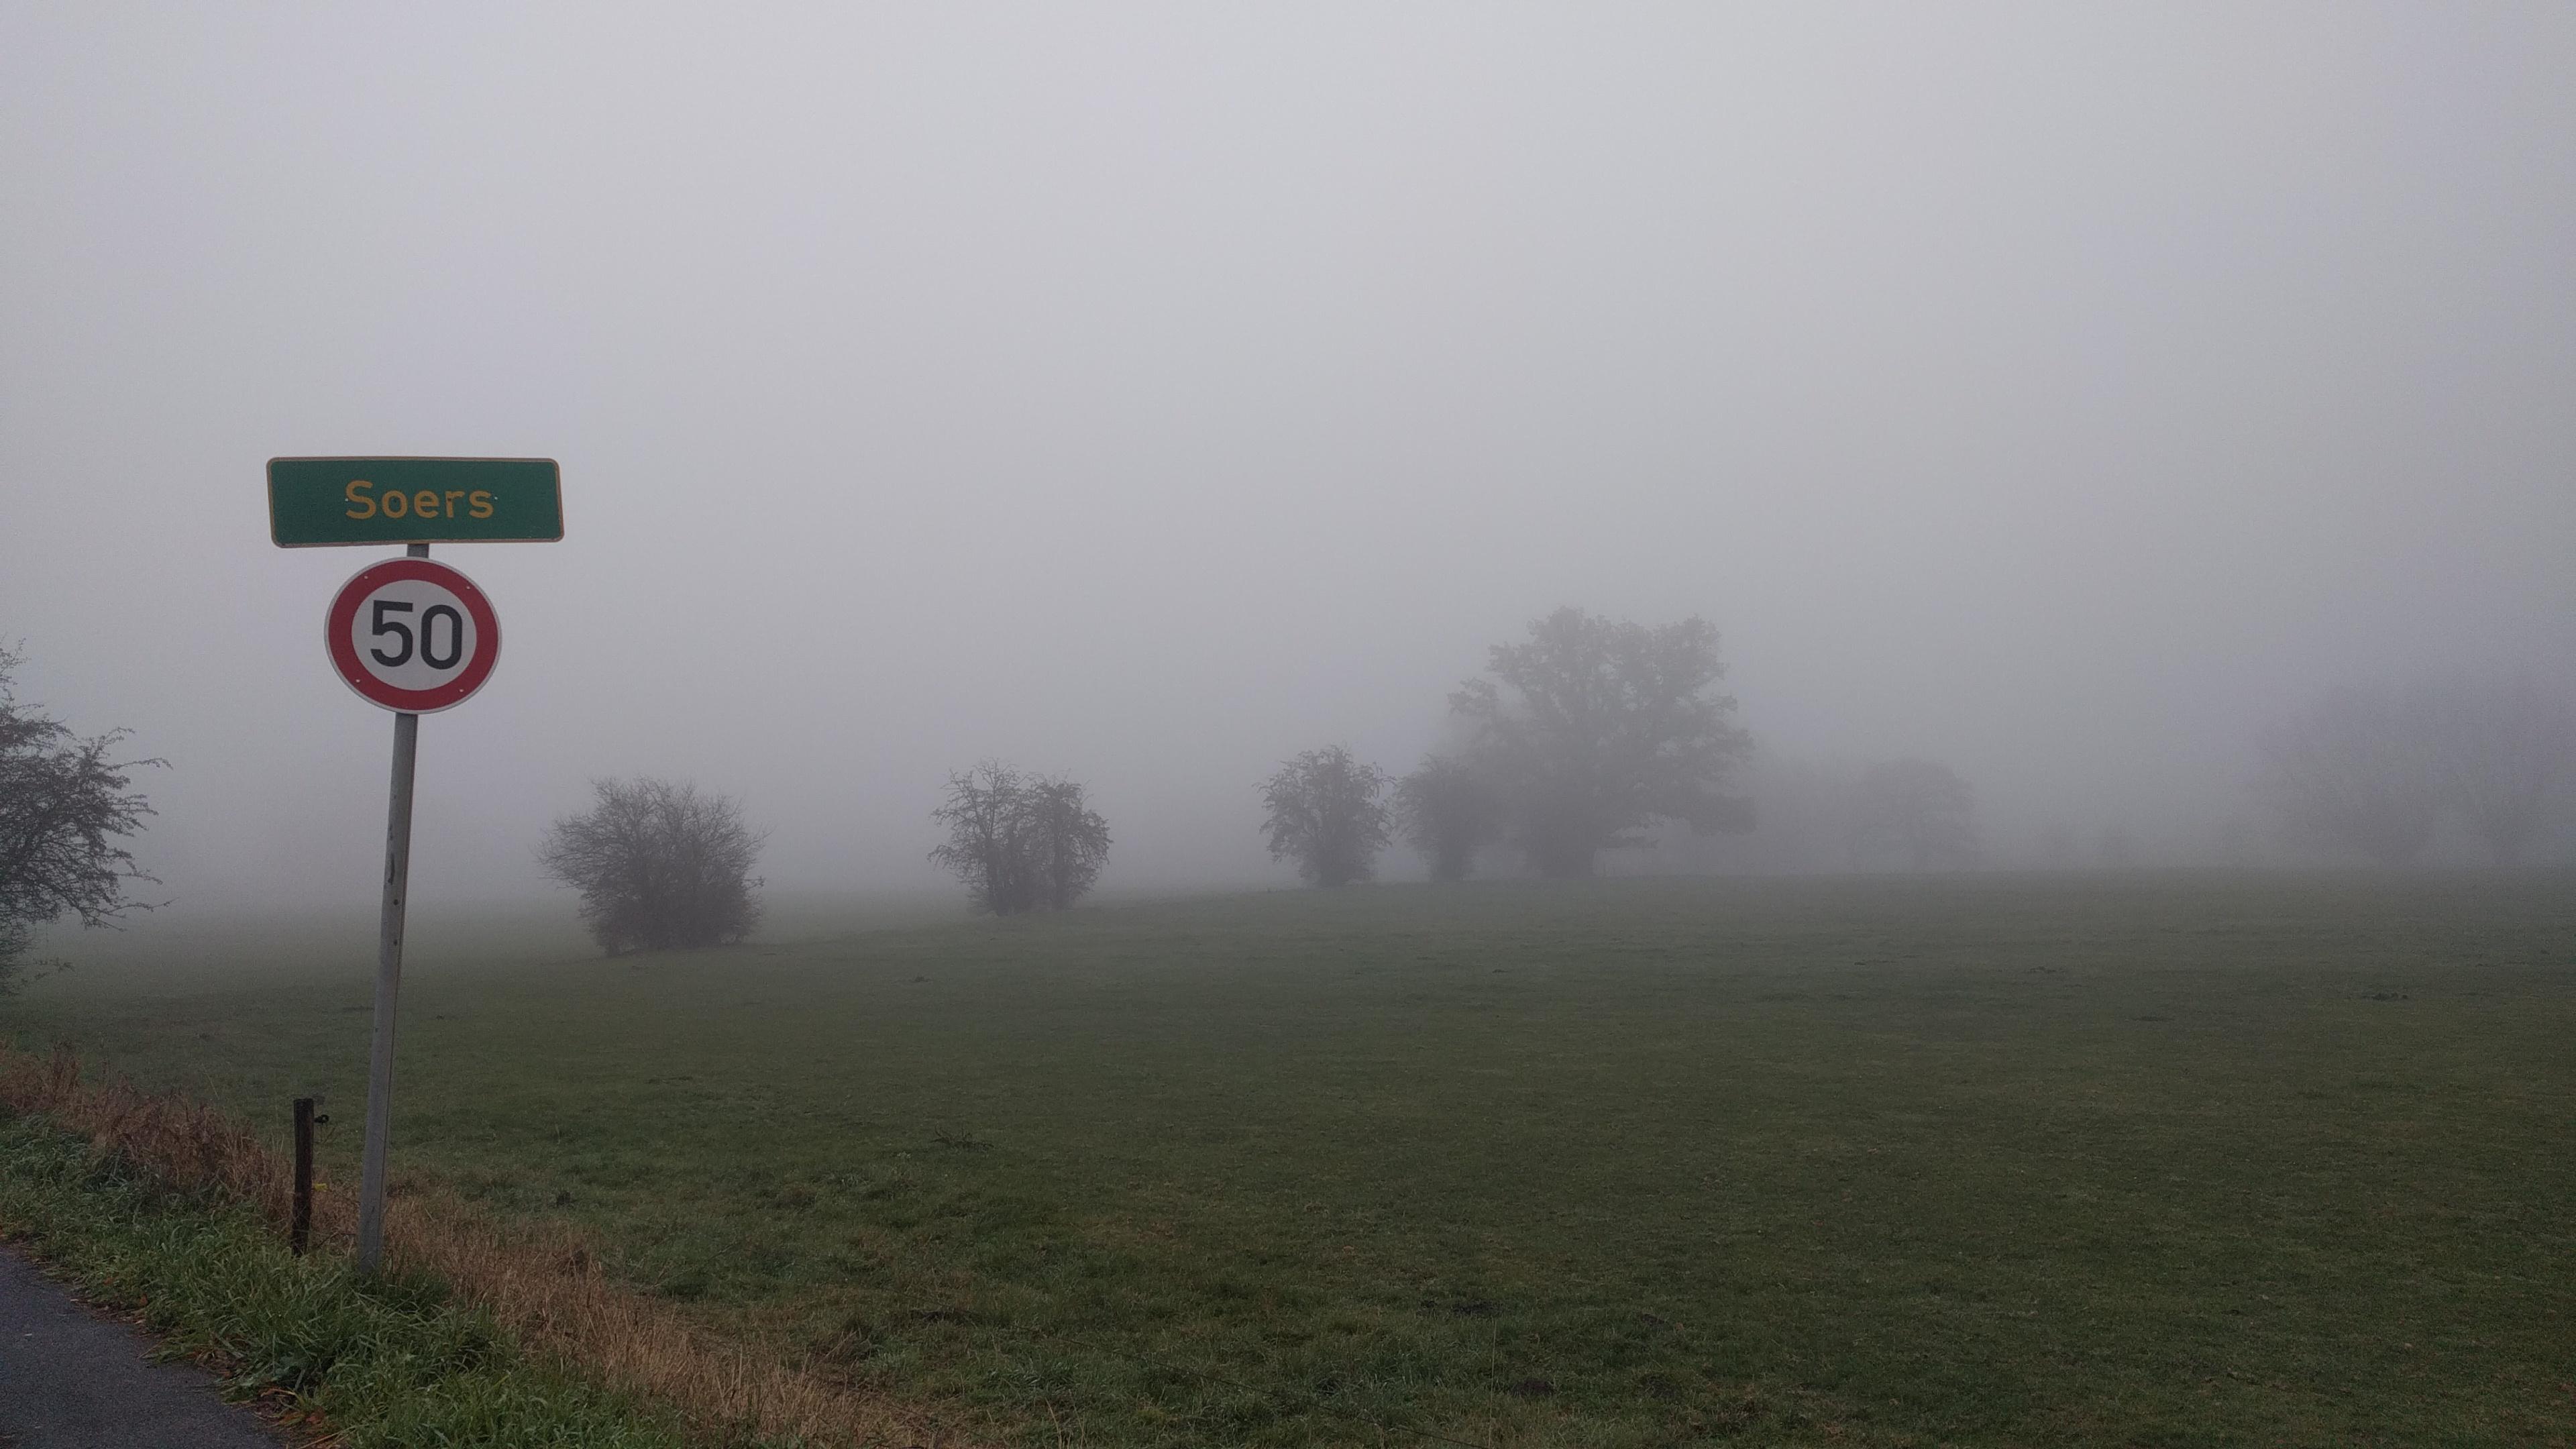 Die Aachener Soers im Nebel.